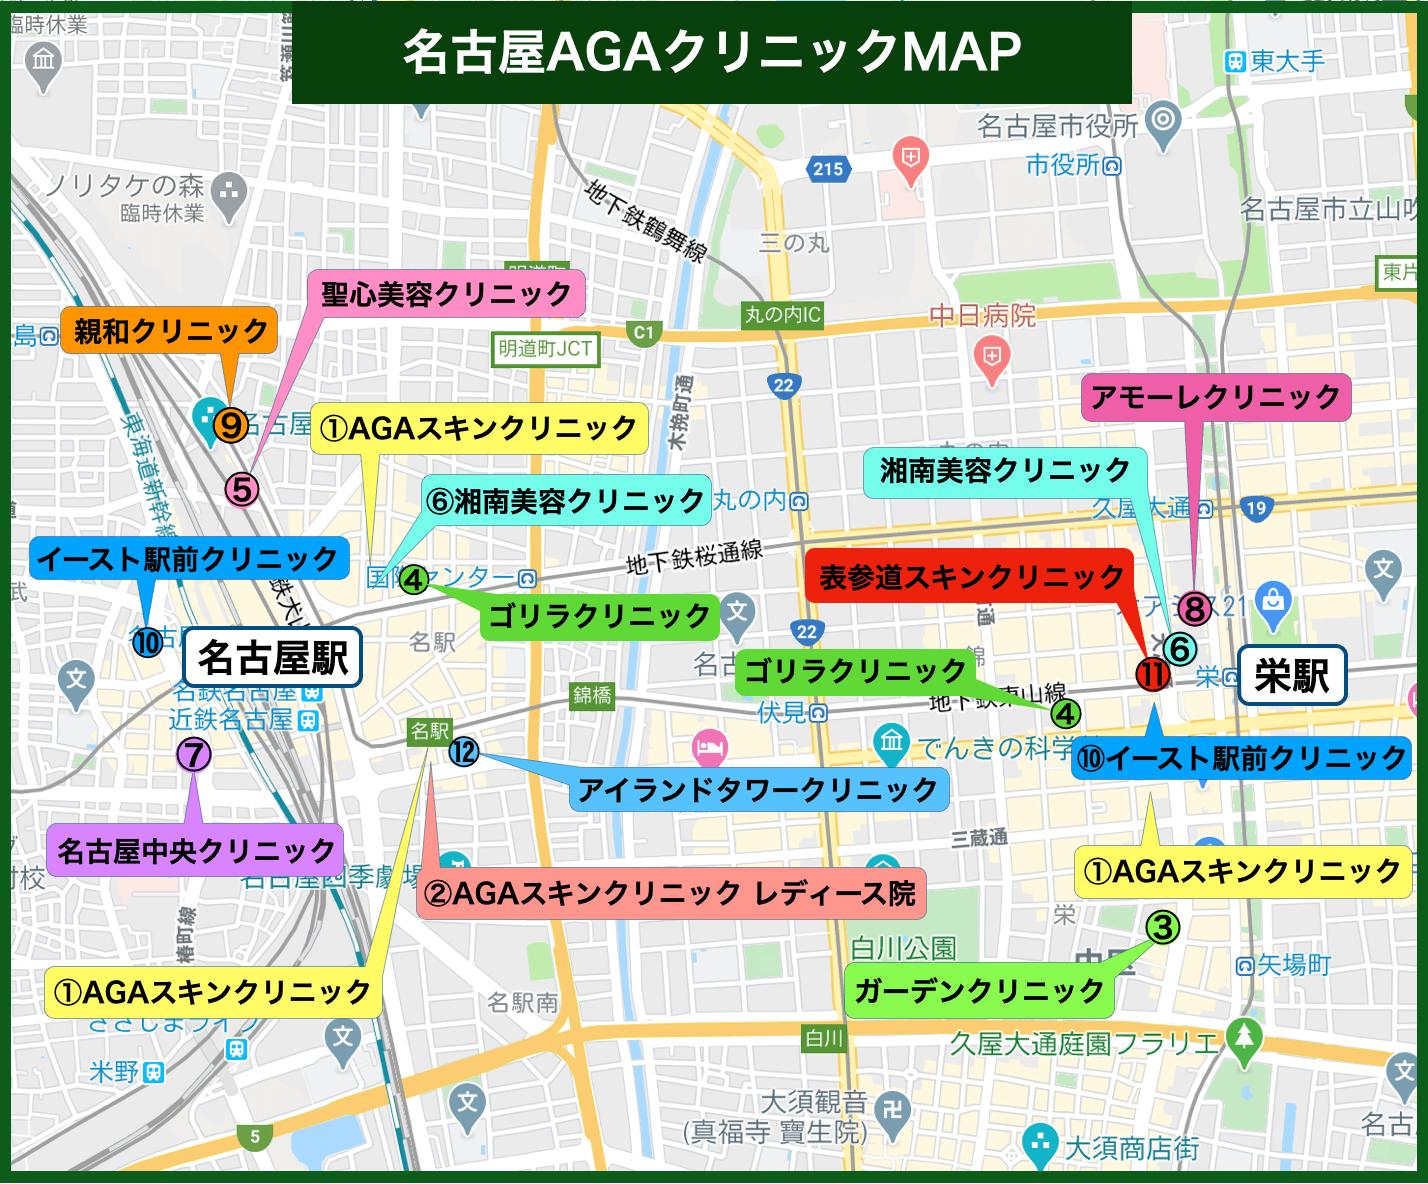 名古屋AGAクリニックMAP(2021年版)